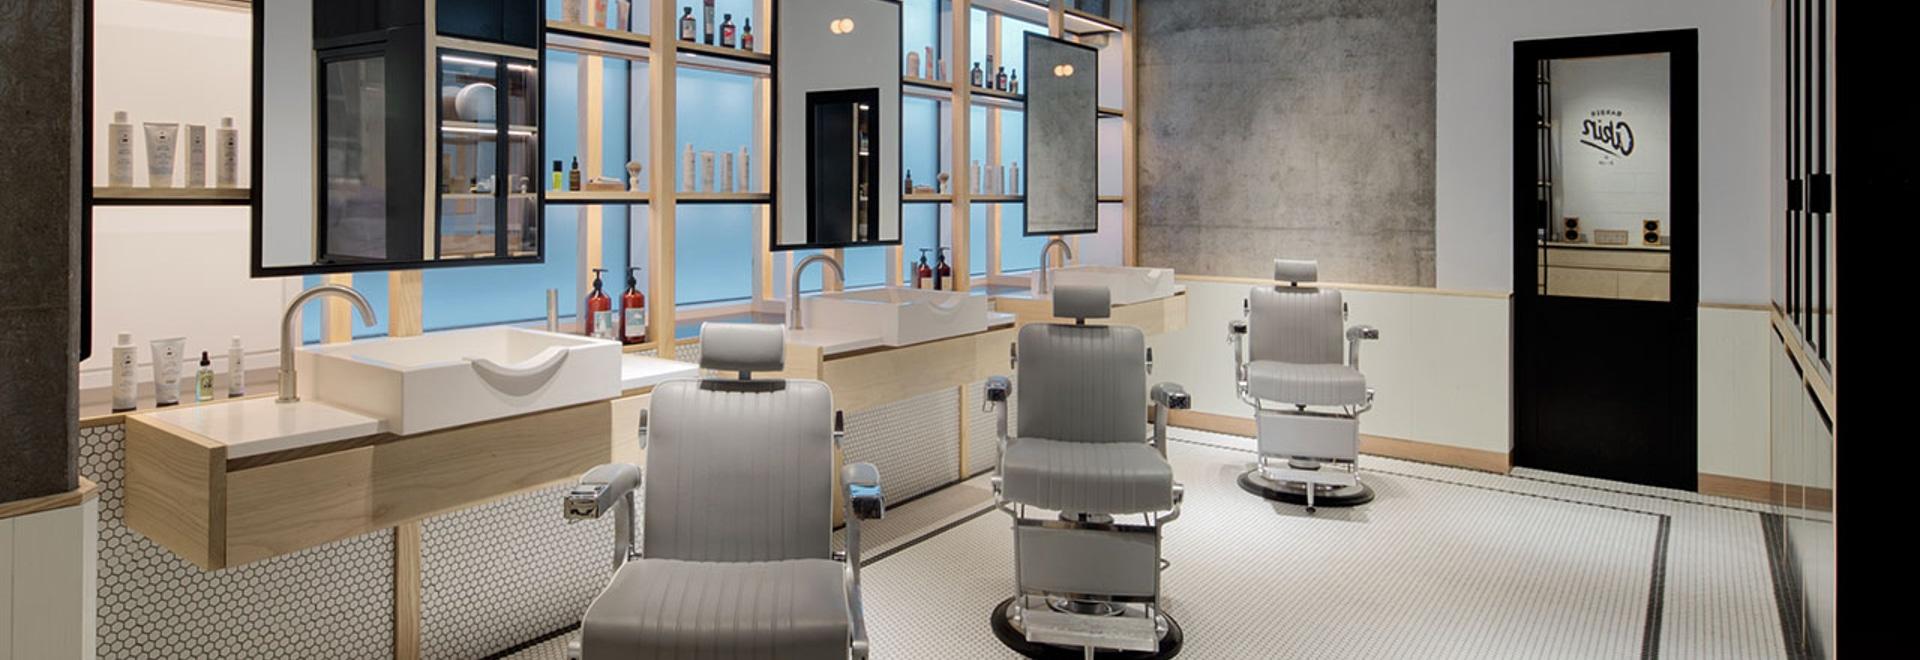 Minimalism y tradición Clean-Cut en el peluquero y la tienda RELACIONADOS en Dubai